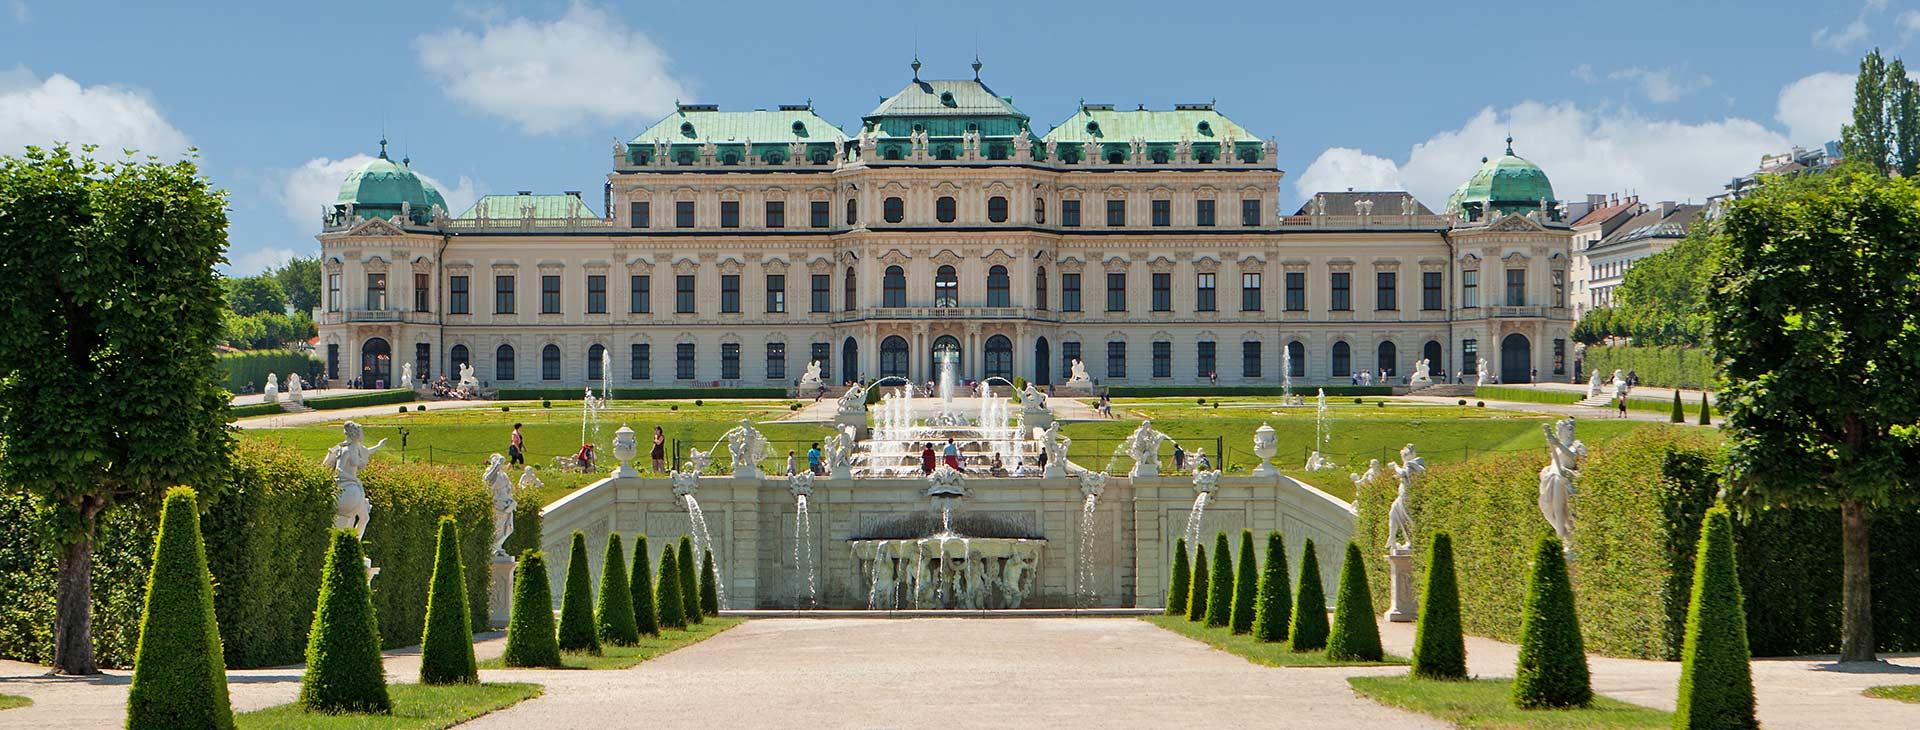 Wiedeń i dolina Wachau - potęga cesarstwa Habsburgów i naddunajskie pejzaże - dla wygodnych